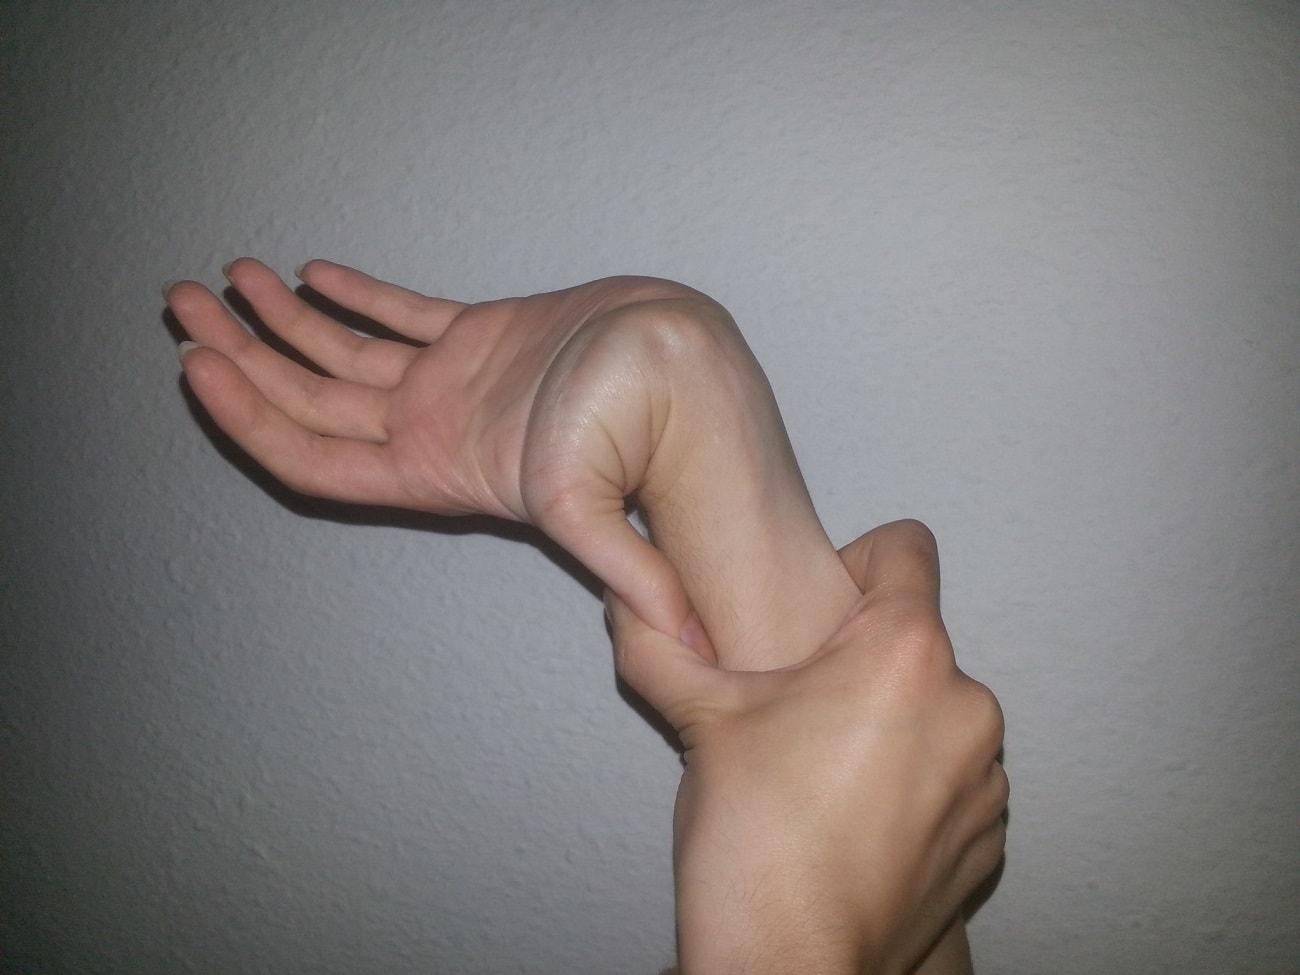 síndrome de marfan